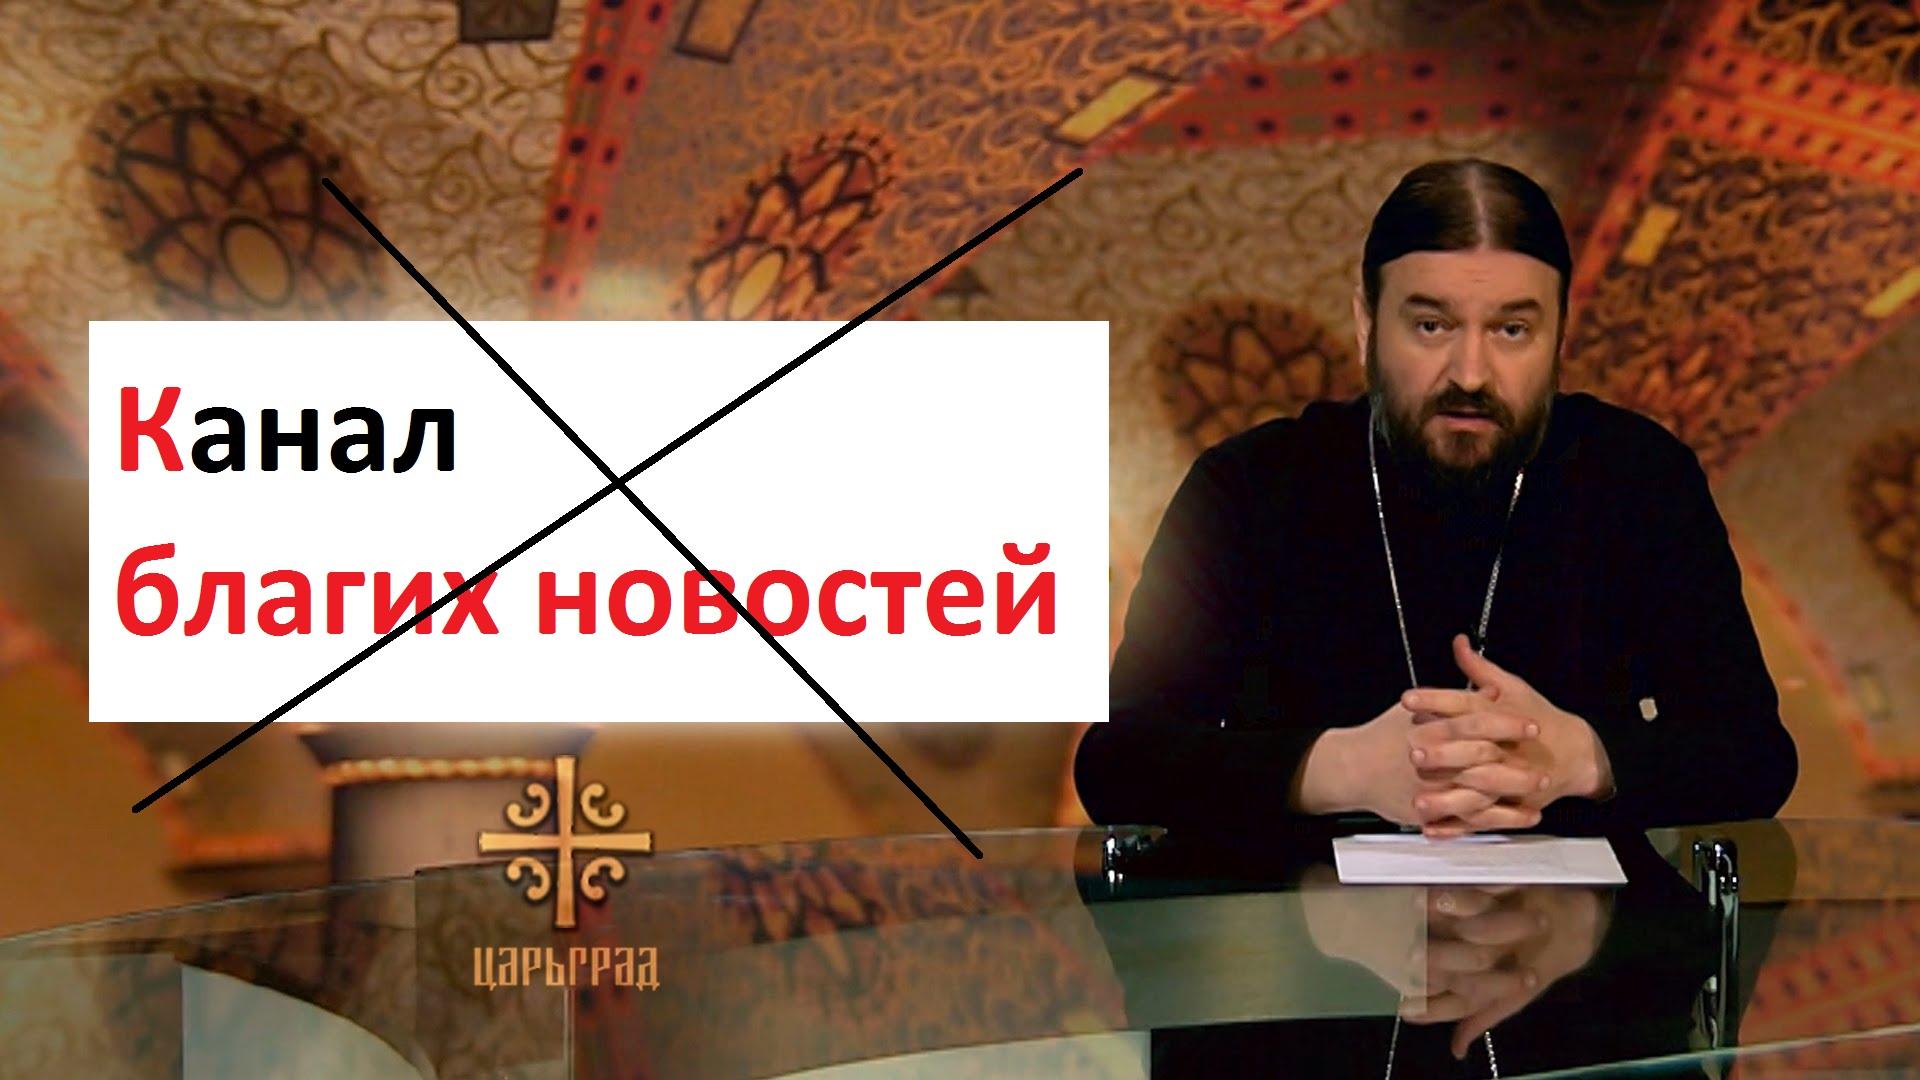 Шрек таджикский перевод 3 смотреть 10 фотография